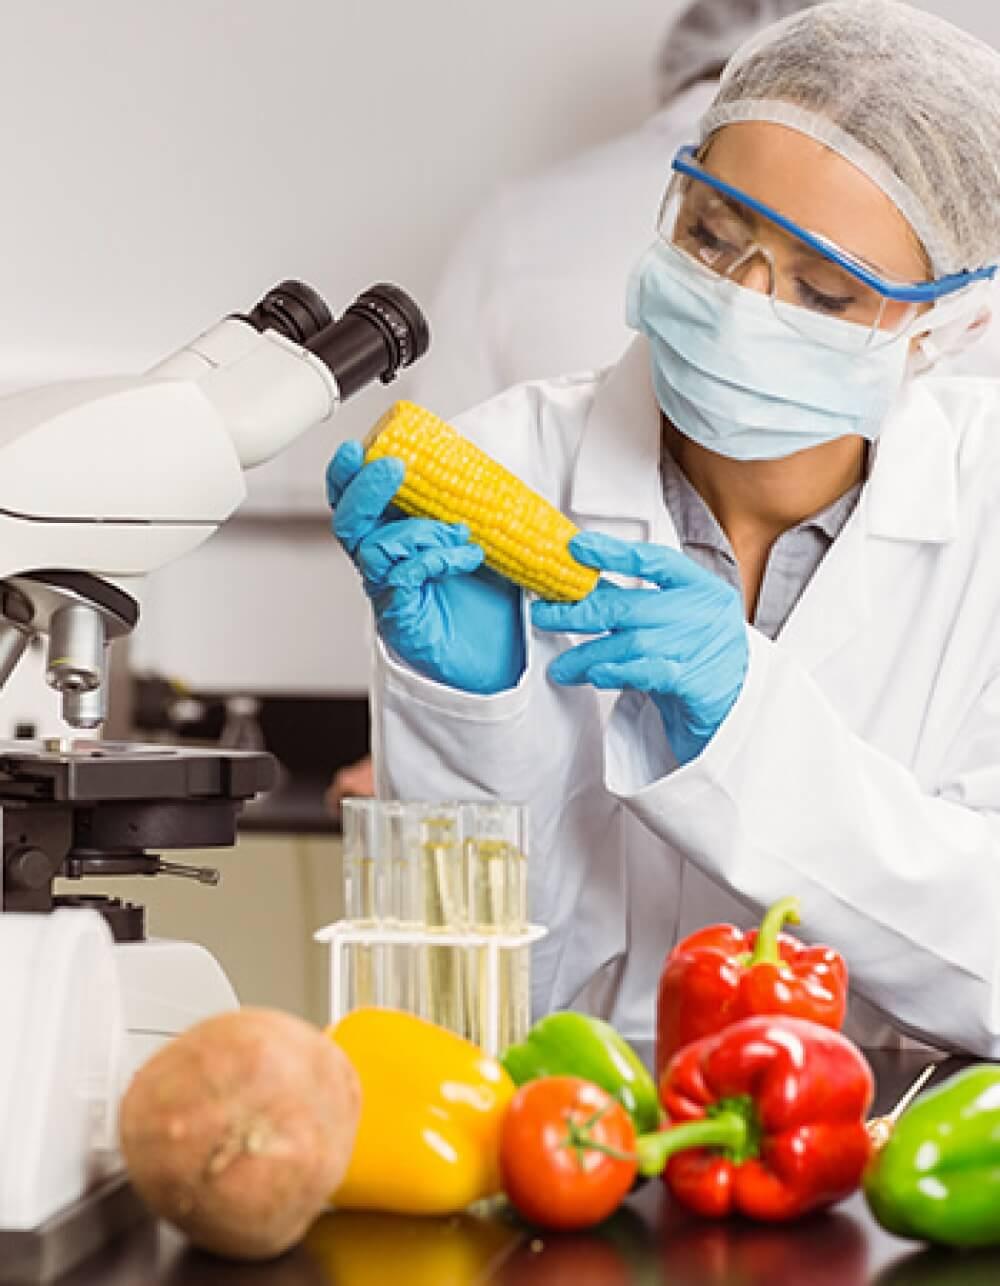 Güvenli Gıda Nedir?